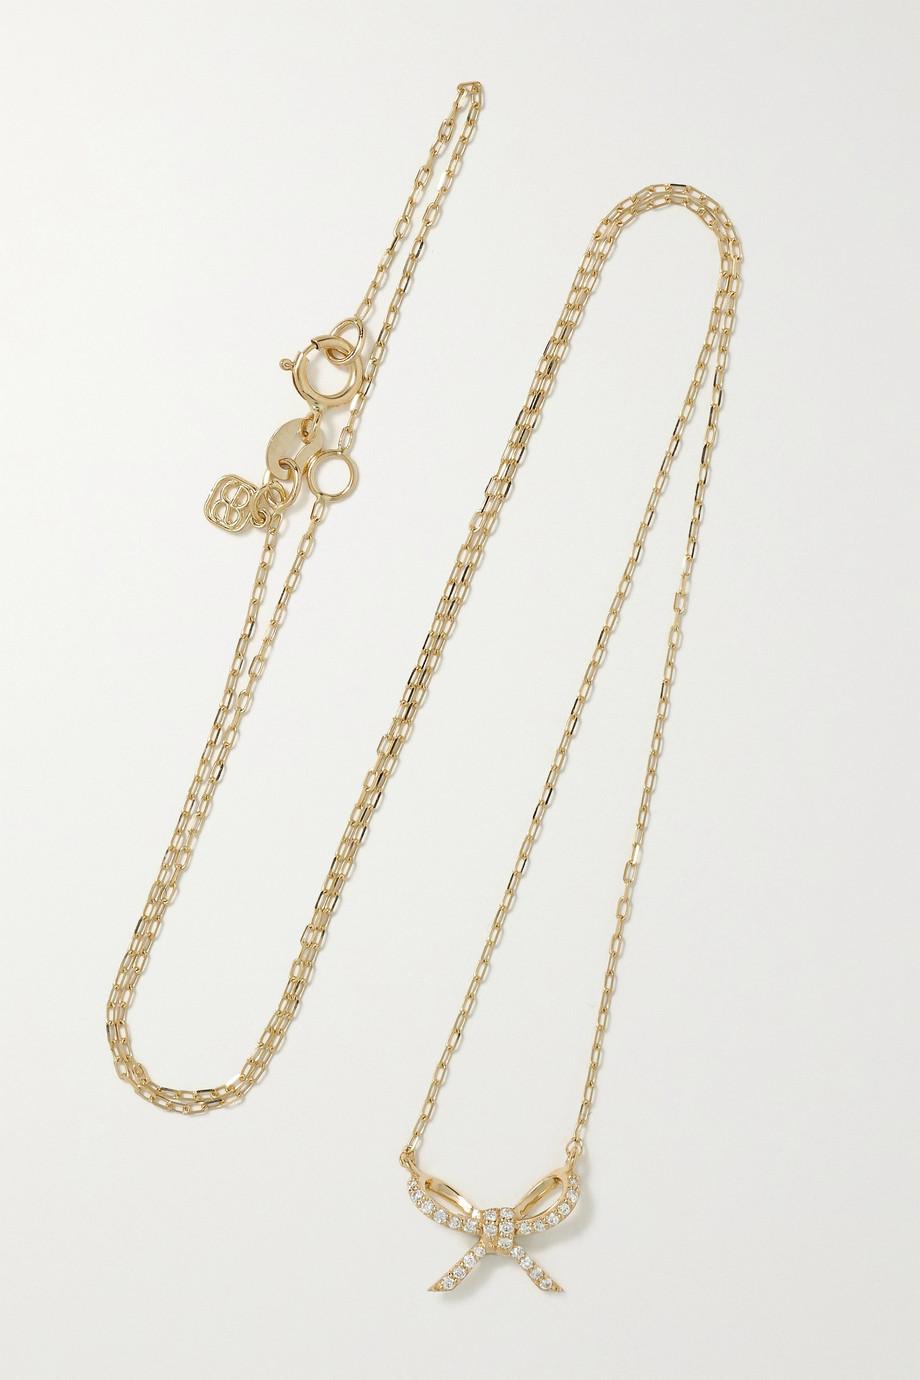 Sydney Evan Collier en or 14 carats et diamants Bow